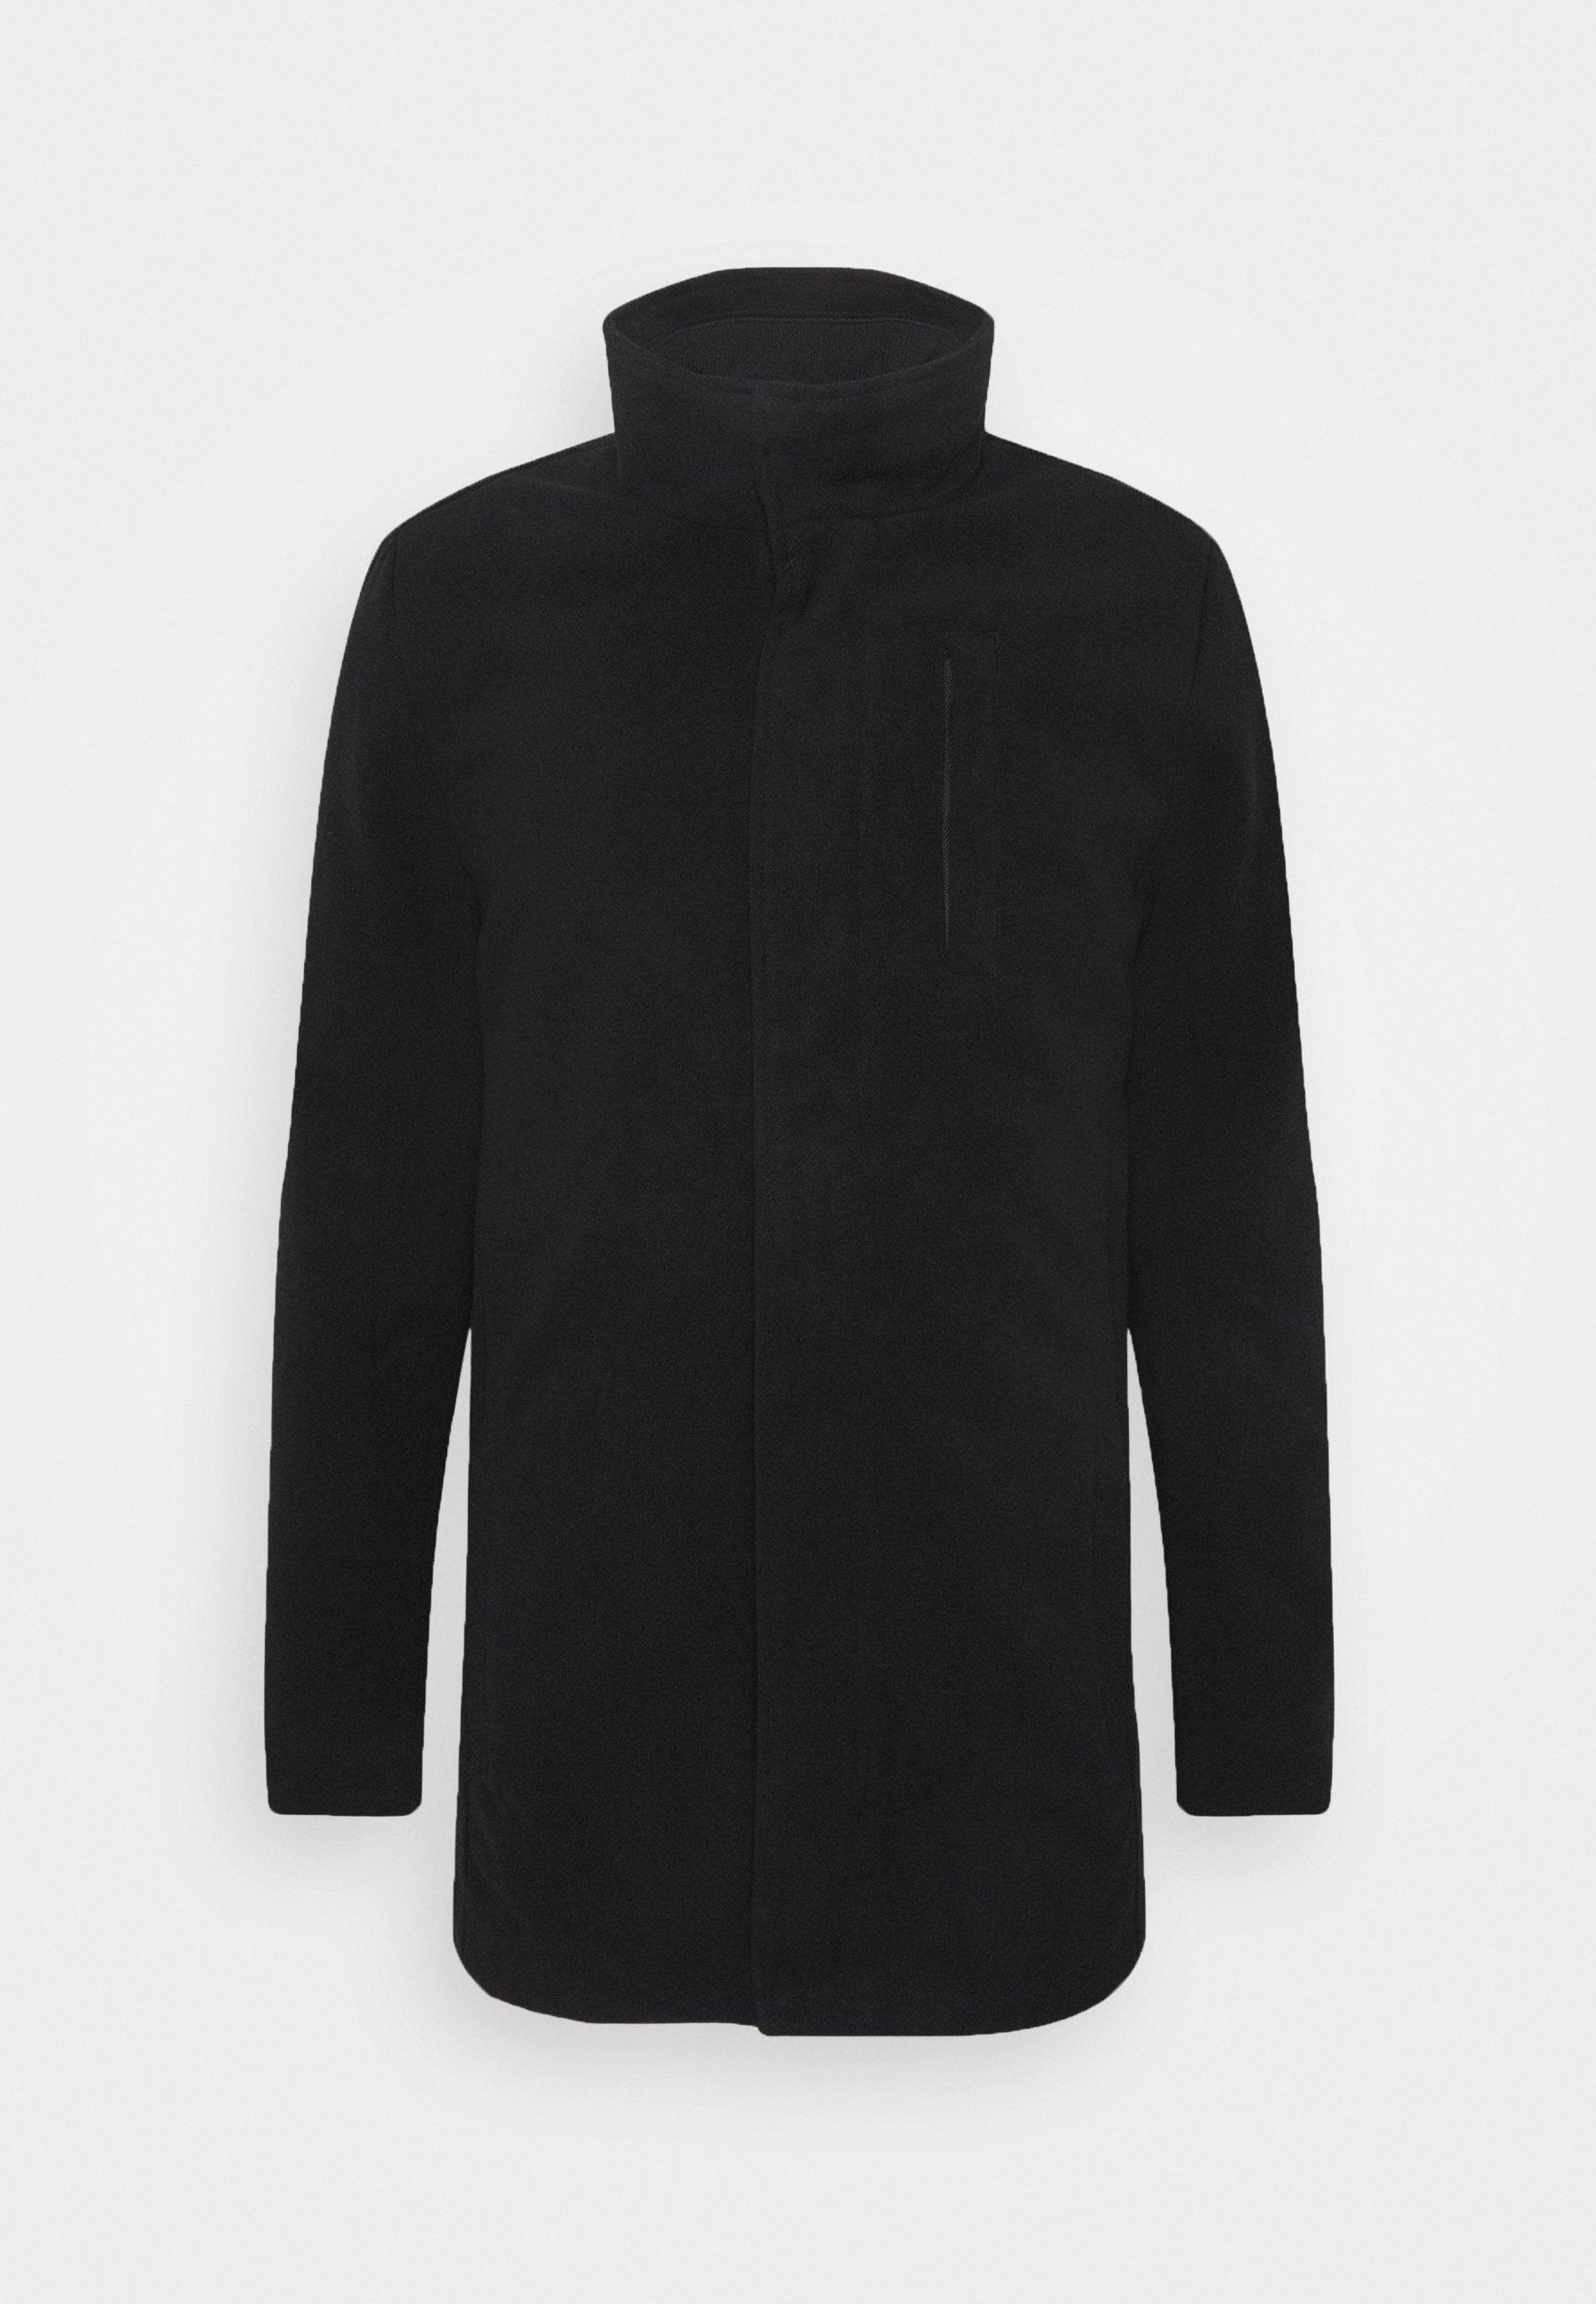 Blend Outerwear - Wollmantel/klassischer Mantel Charcoal Mix